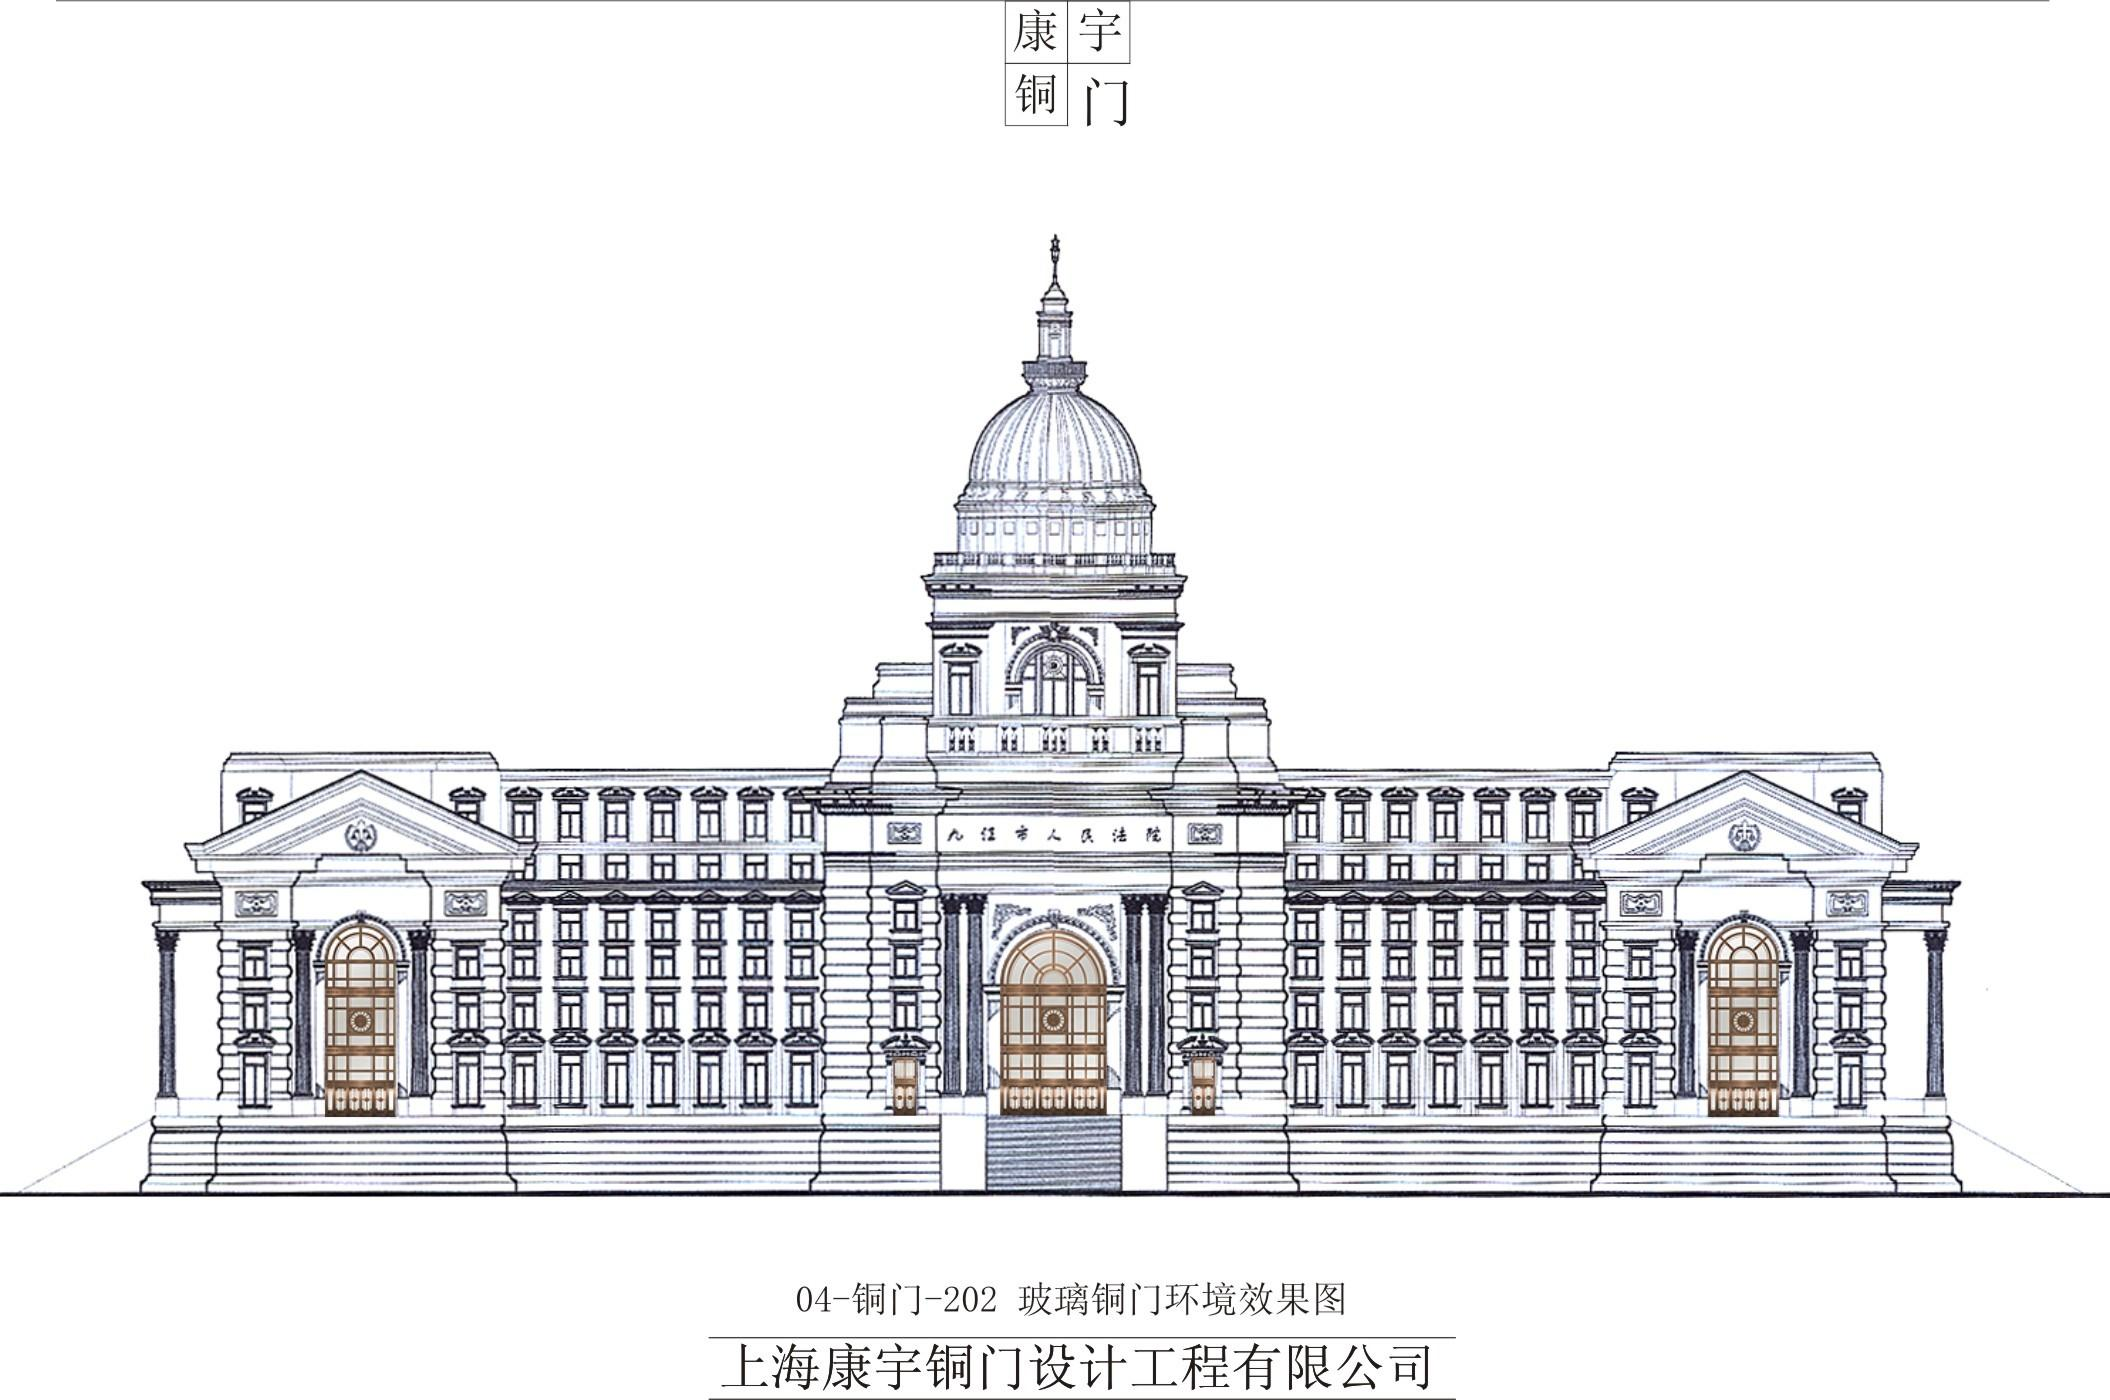 欧式建筑铜门_CO土木在线(原网易土木在线)